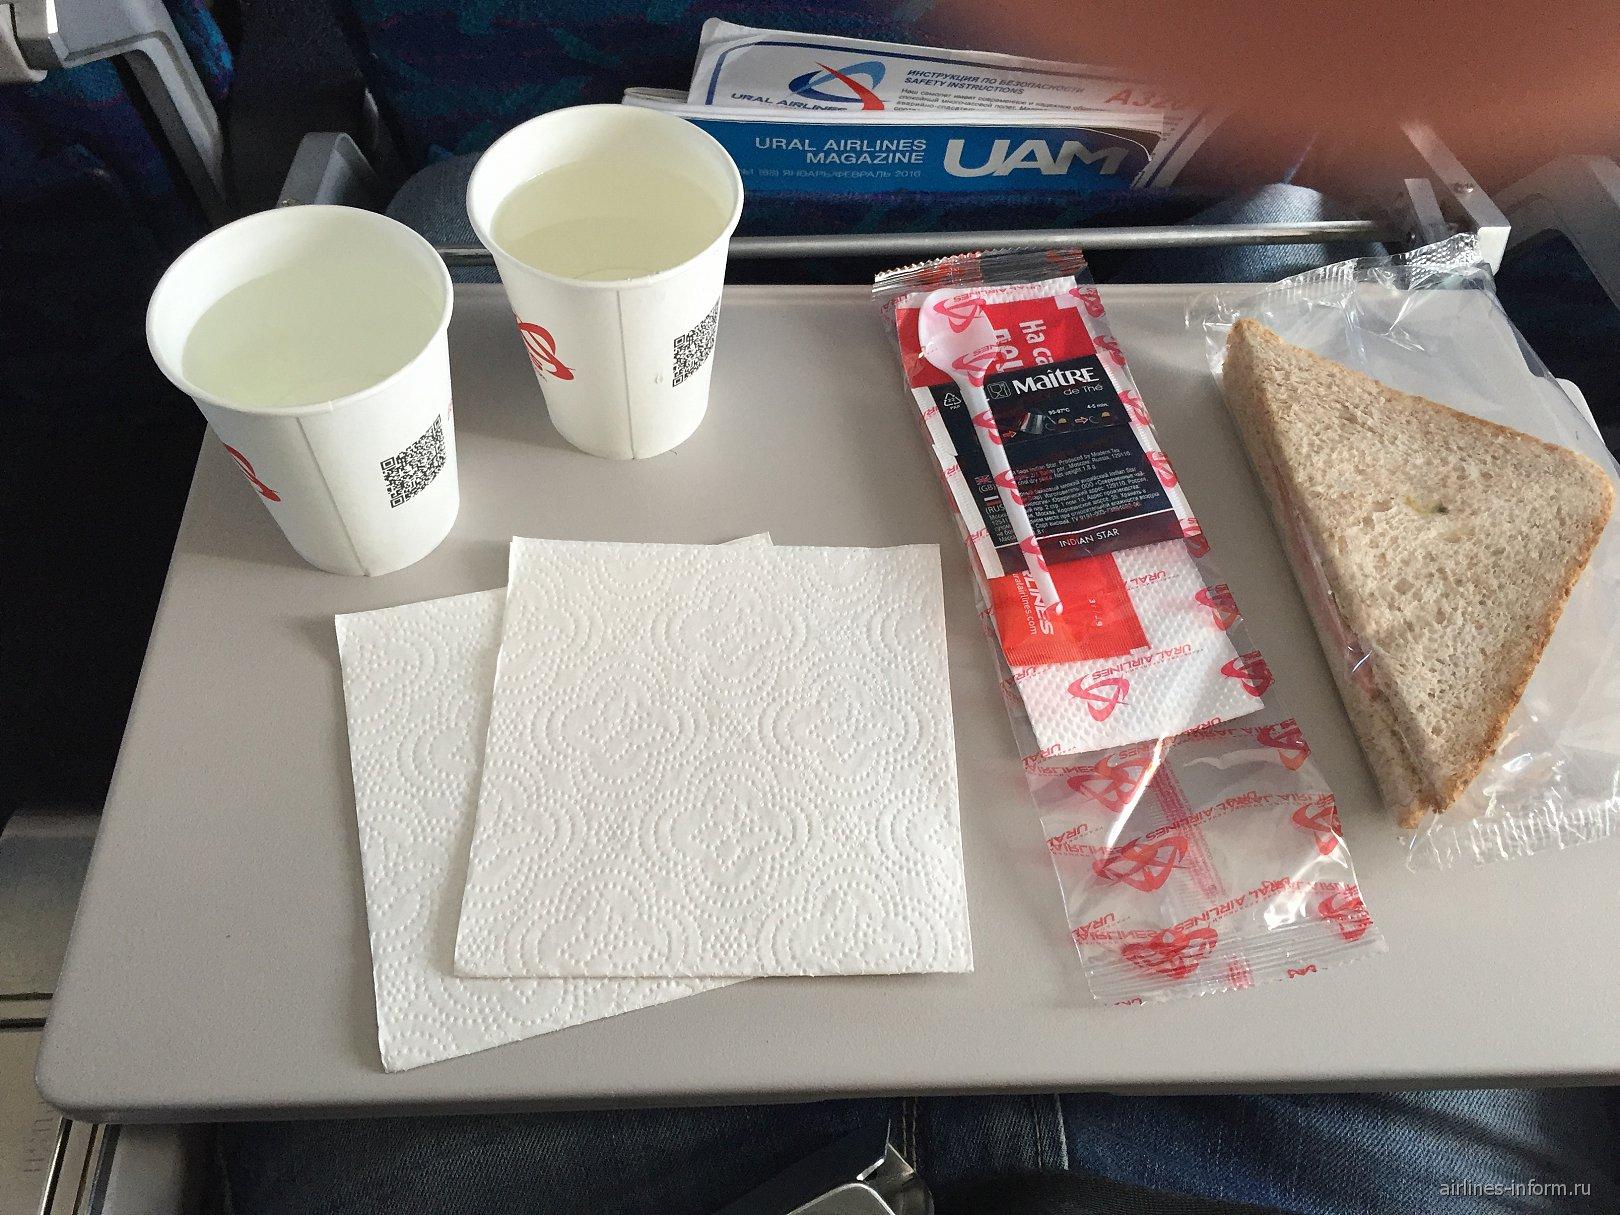 Питание на рейсе Москва-Сочи Уральских авиалиний